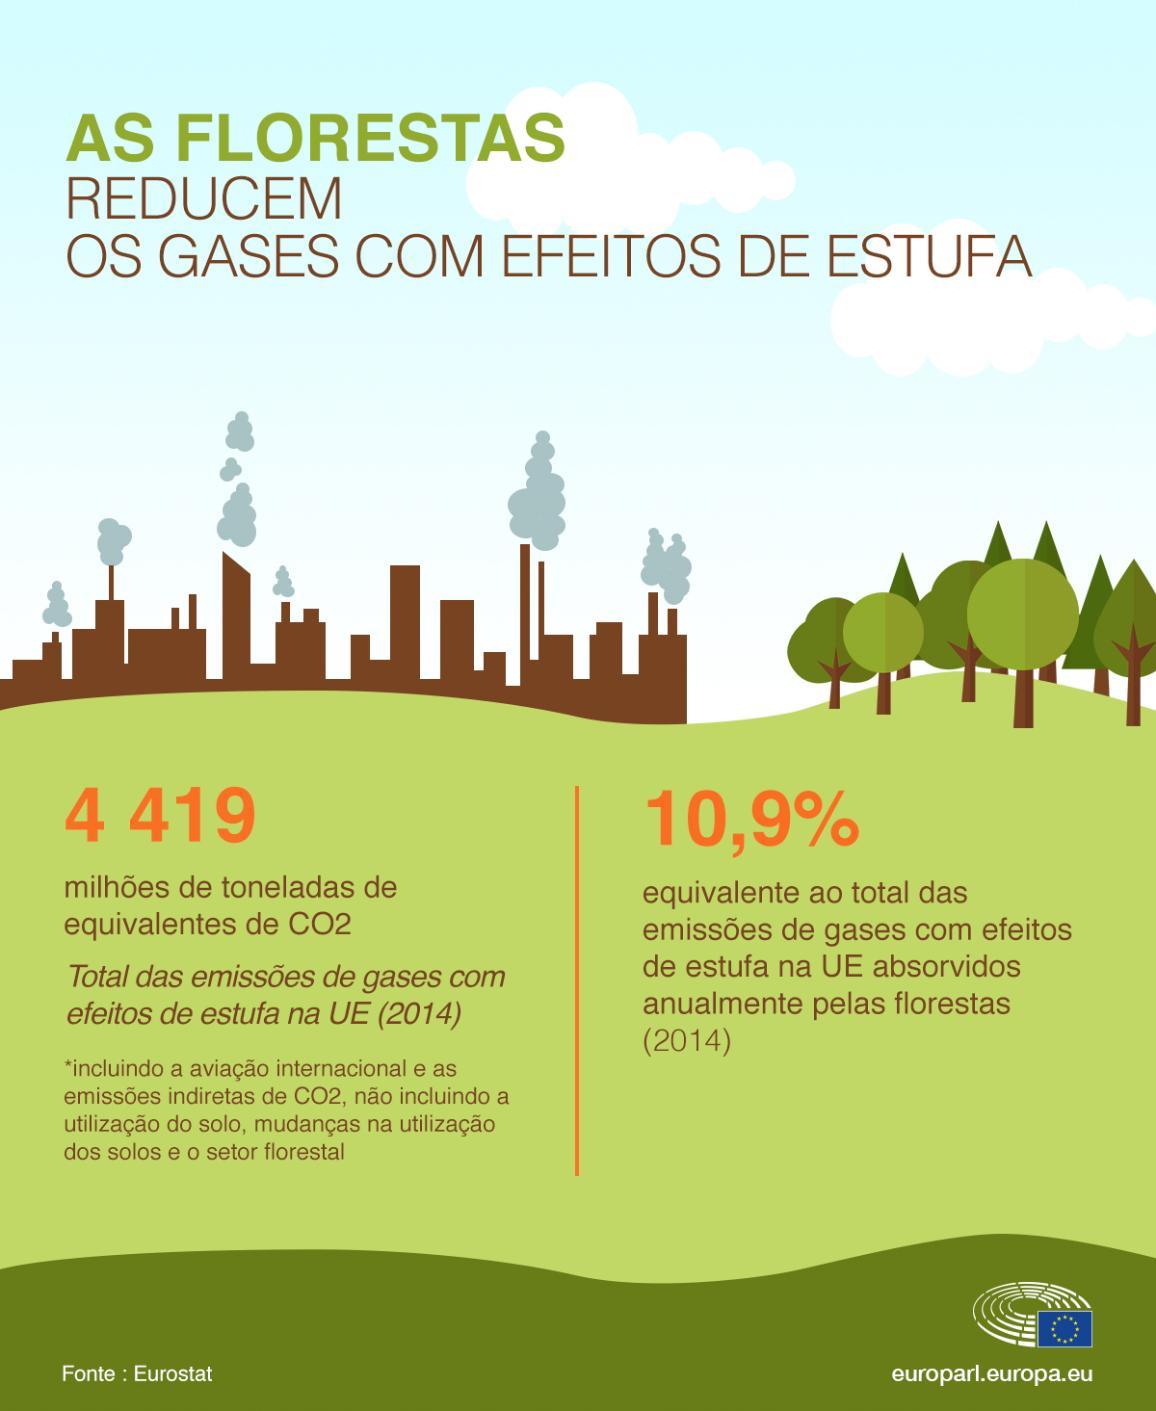 As florestas da UE absorbem, anualmente, o equivalente a 10,9% das emissões de gases com efeitos de estufa da UE.